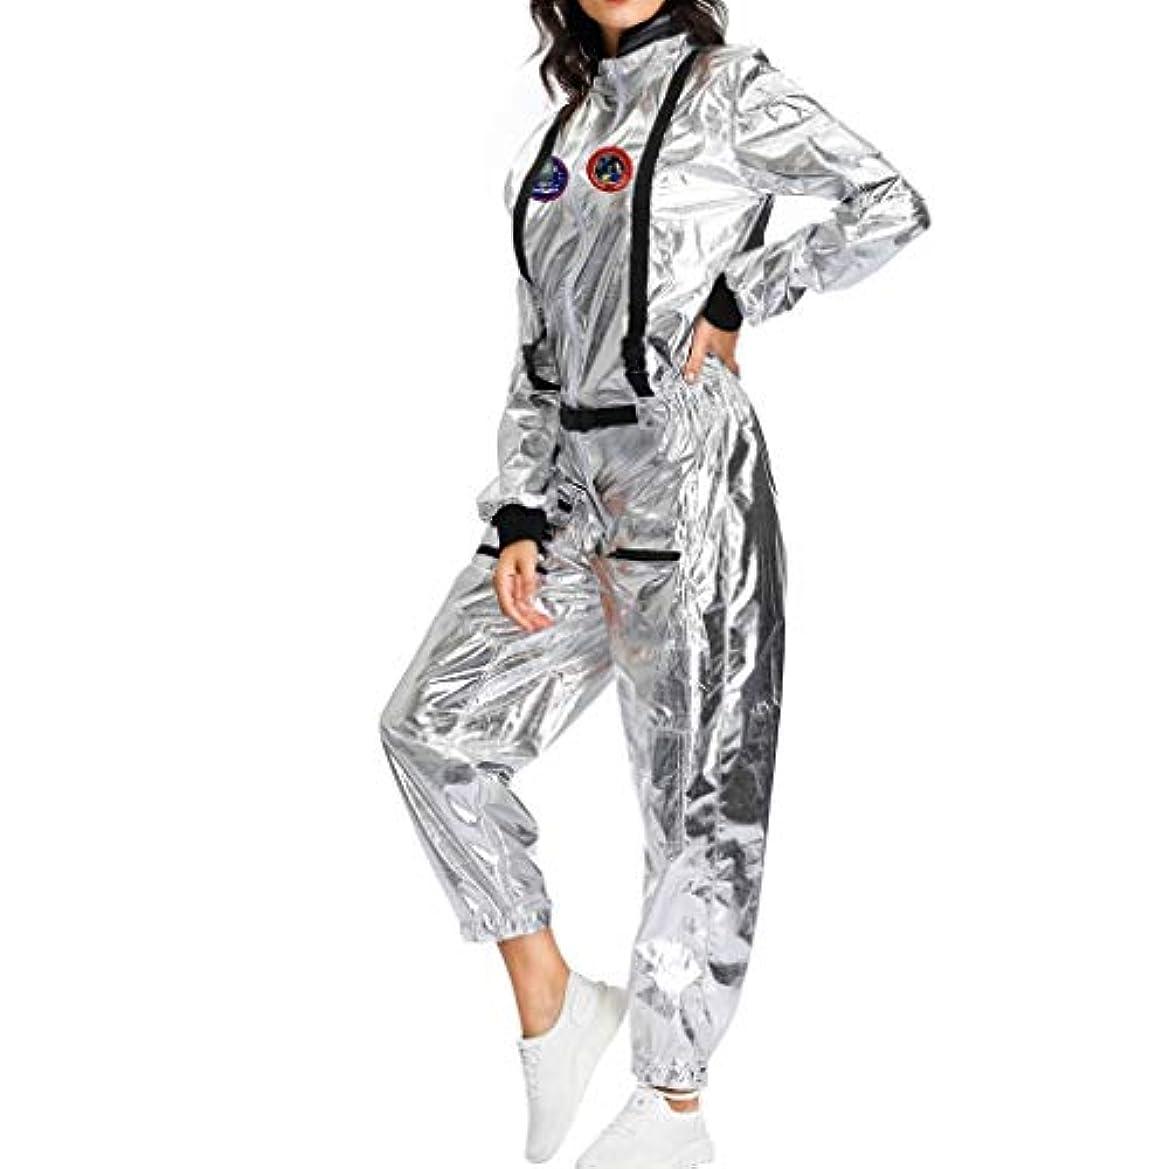 家族の量クライアント女性ハロウィン宇宙服コスプレロングスリーブコスチュームプレイジャンプスーツcosplay コスチューム パーティードレス仮装 小道具 衣装セット ハロウィン仮装 コスチューム ディース メンズ 大人